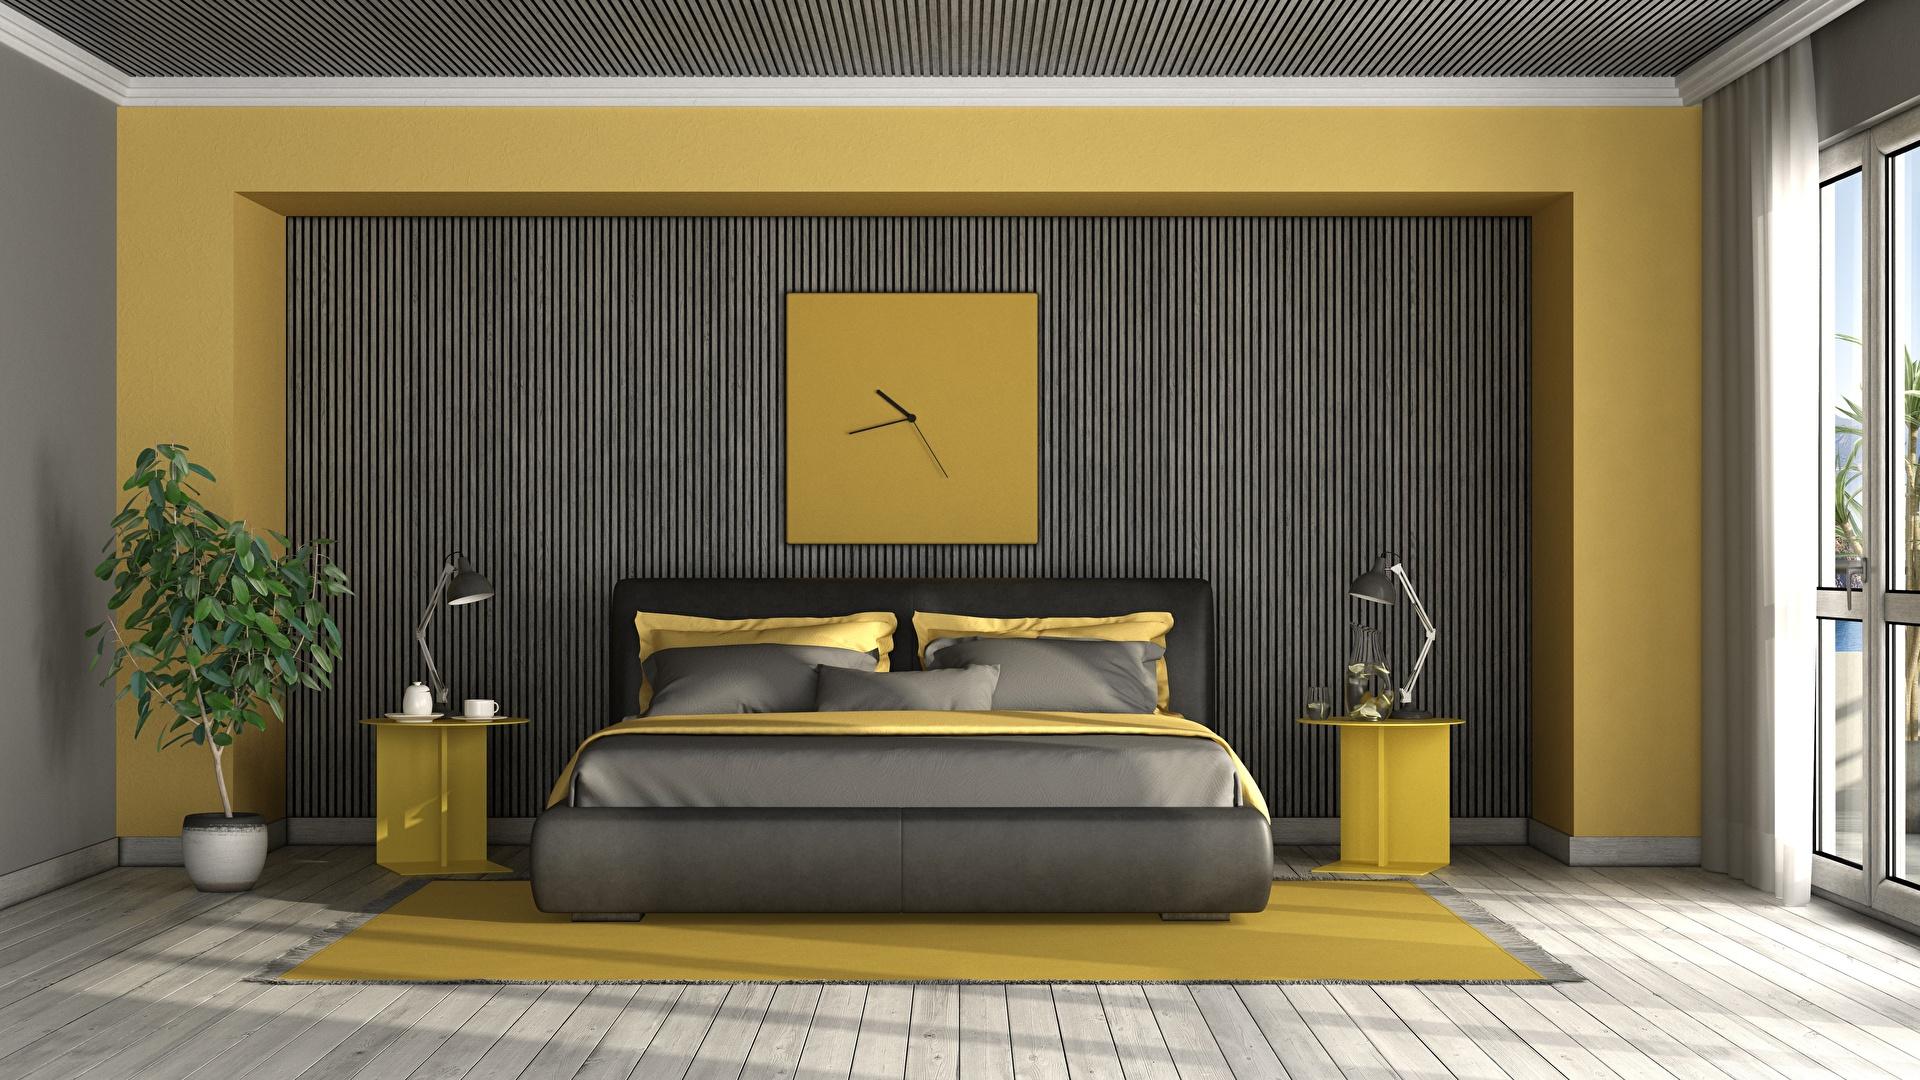 Фото спальне 3д Часы Комната Интерьер лампы постель Дизайн 1920x1080